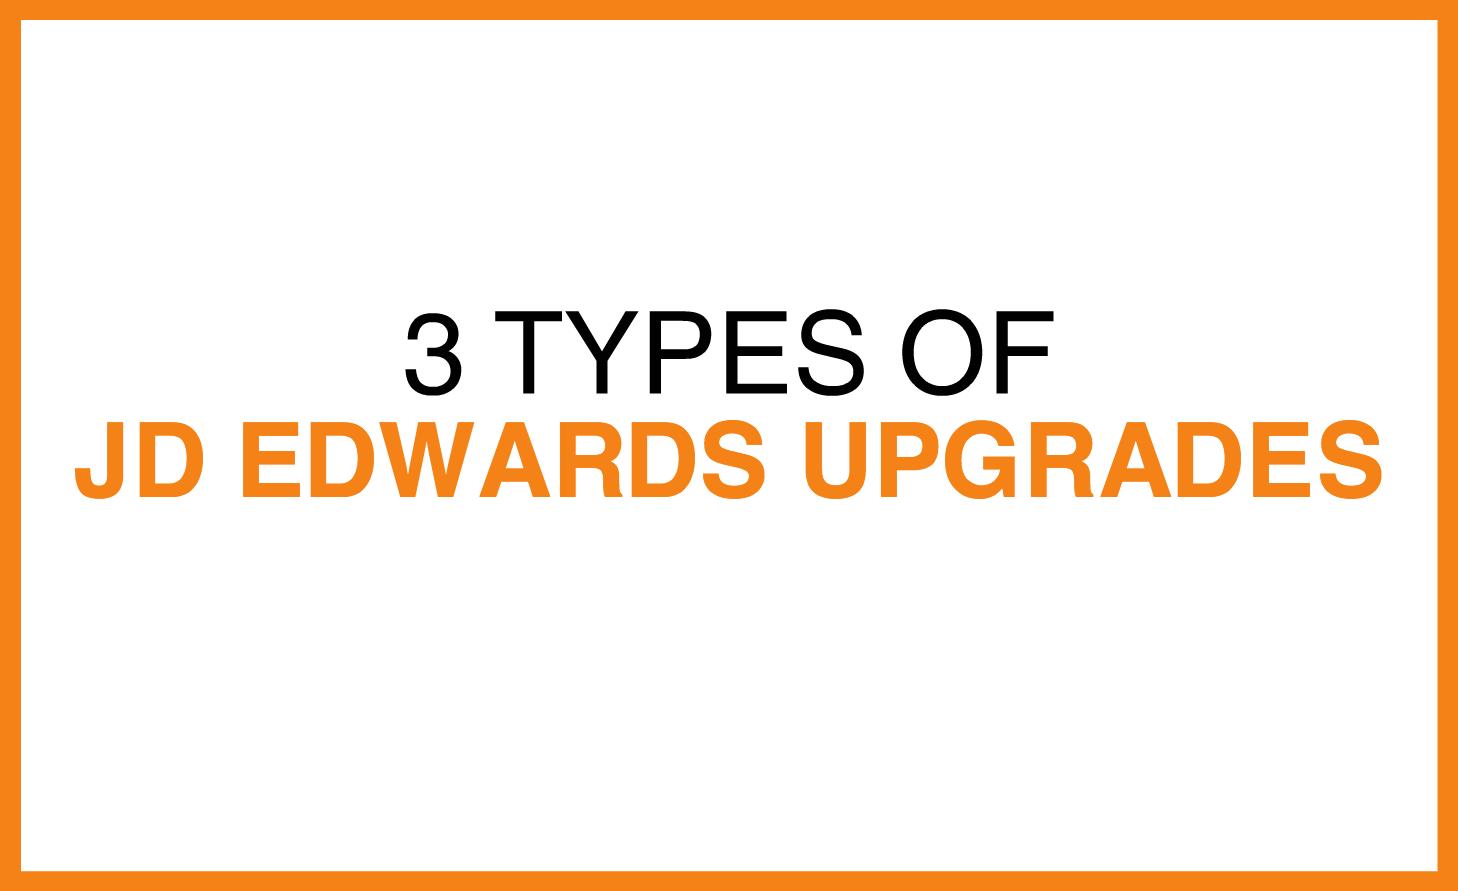 3_types_of_jde_upgrades.png